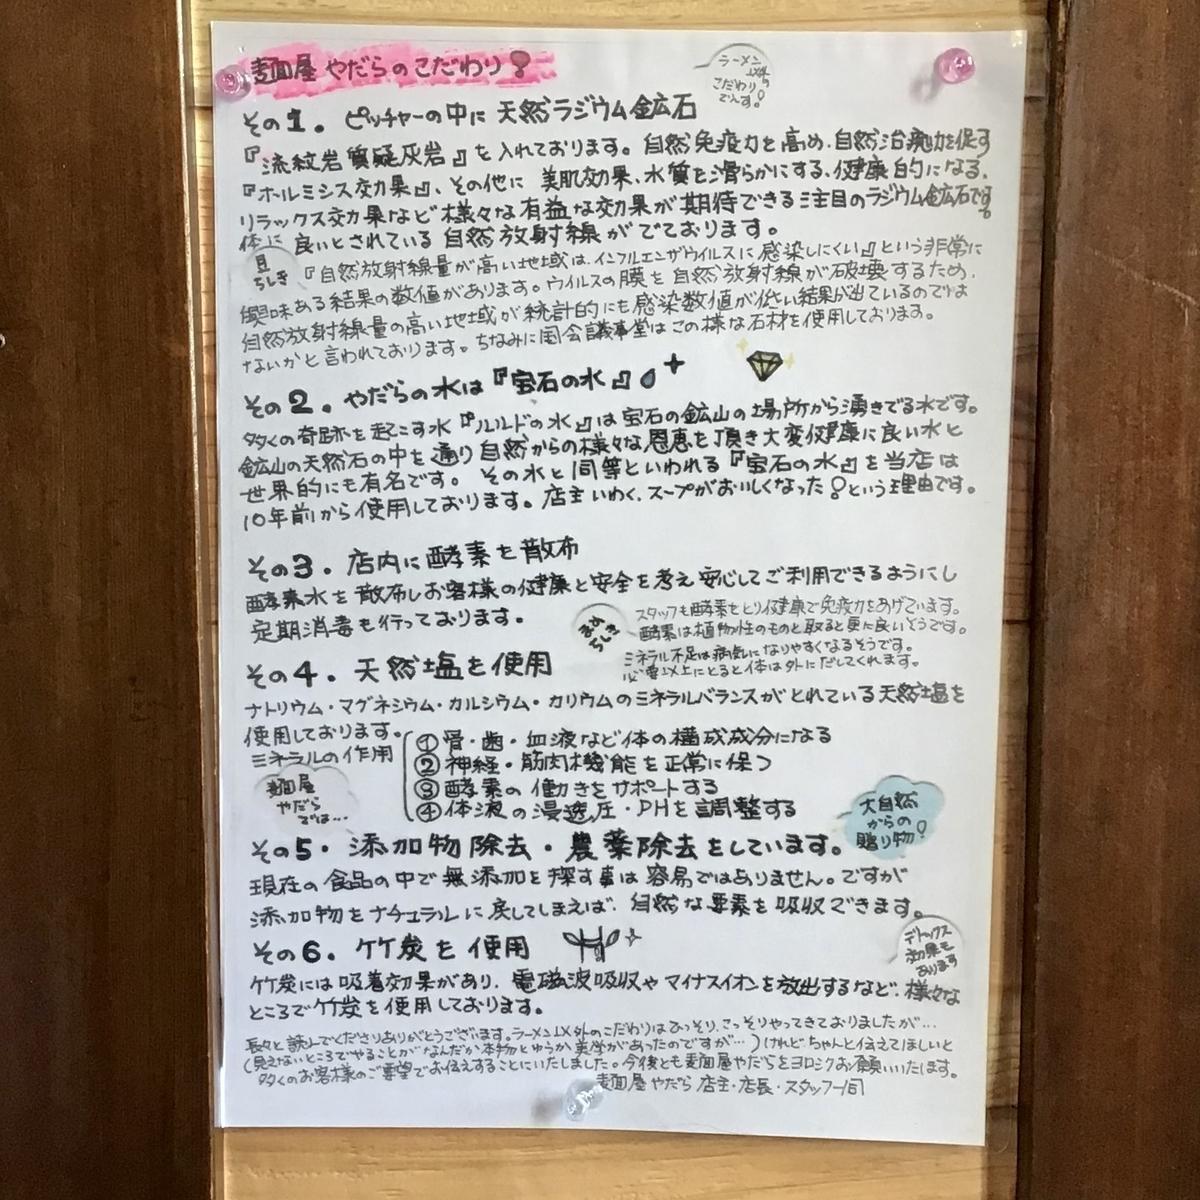 f:id:yumeusagiyukiusagi:20200707222311j:plain